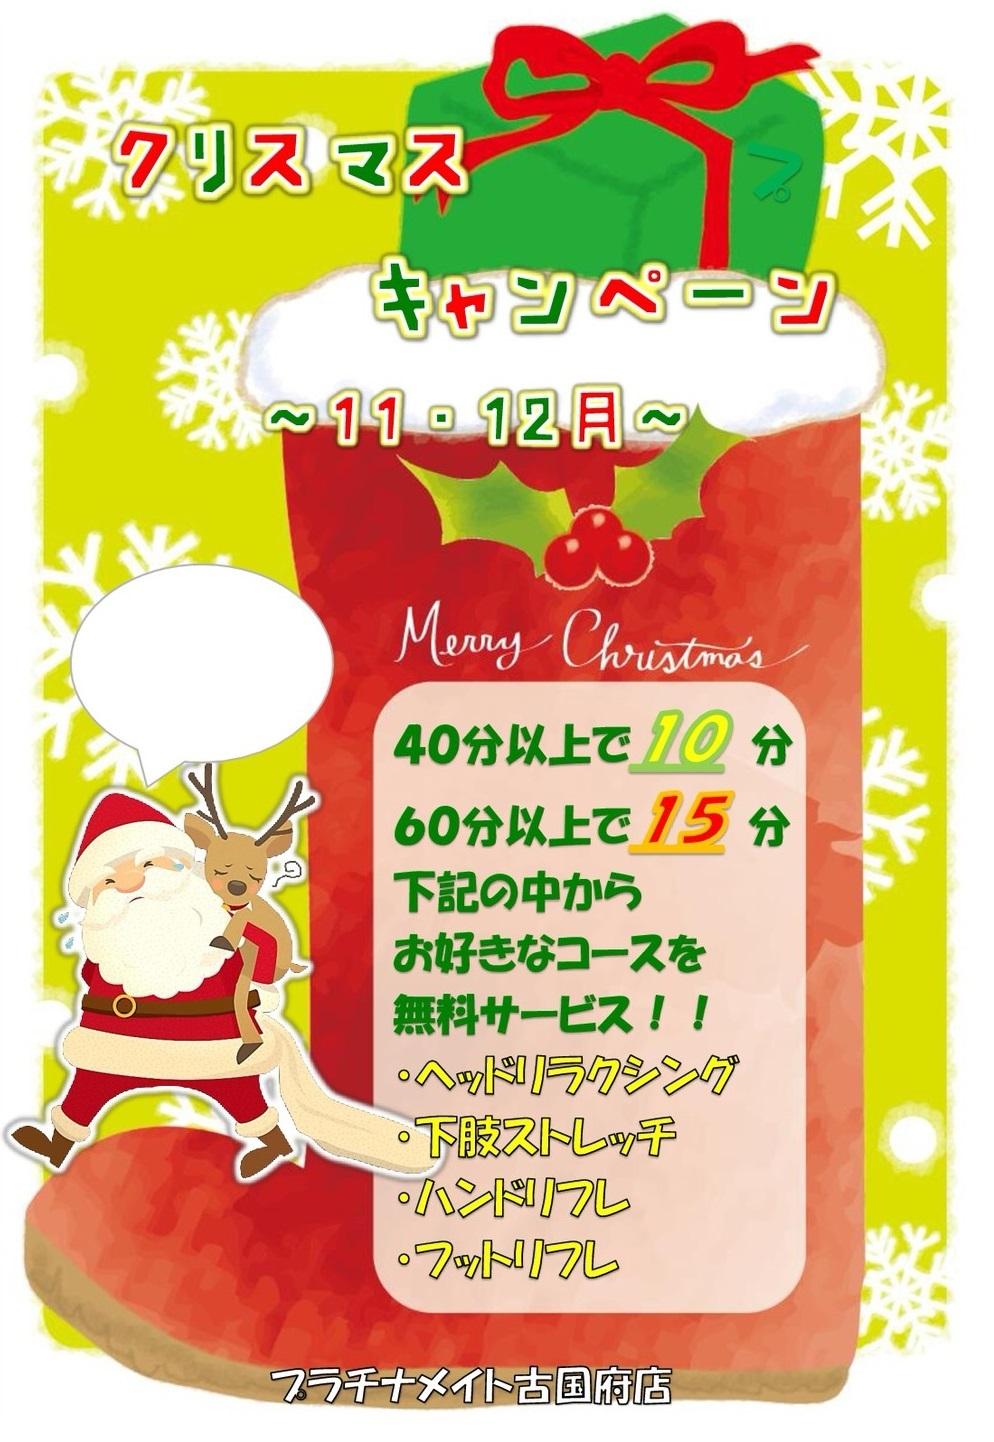 【リフレイト】12月キャンペーン情報2